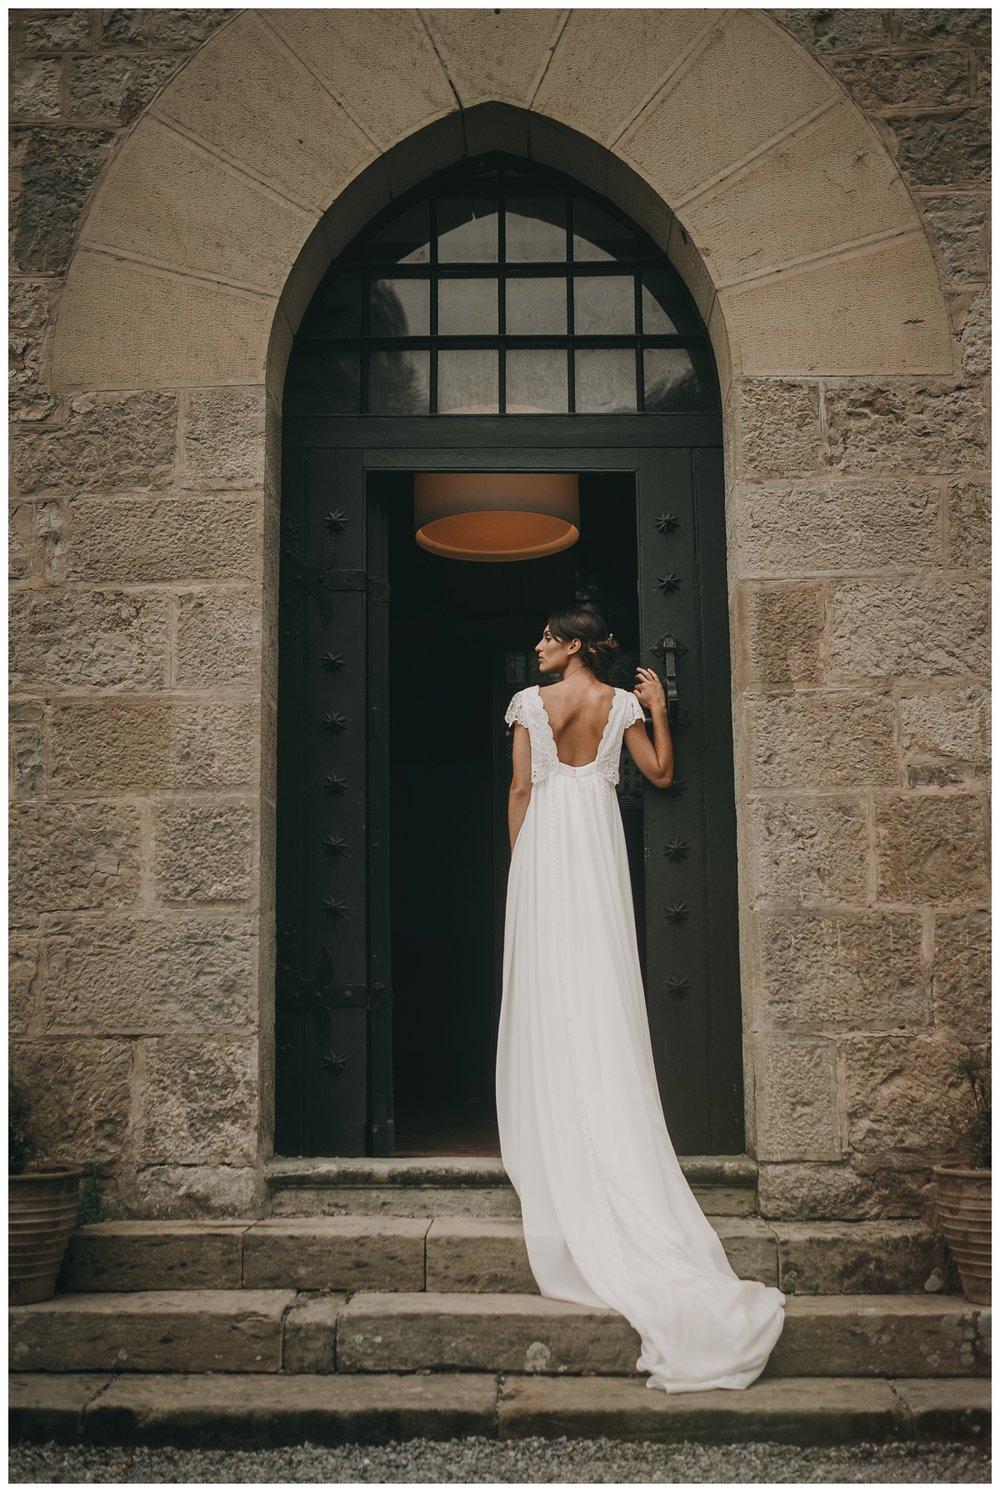 Fotografo_bodas_gipuzkoa_inhar mutiozabal_palacio_murguia_astigarraga_wedding_planner_reina_de_bodas_0050.jpg